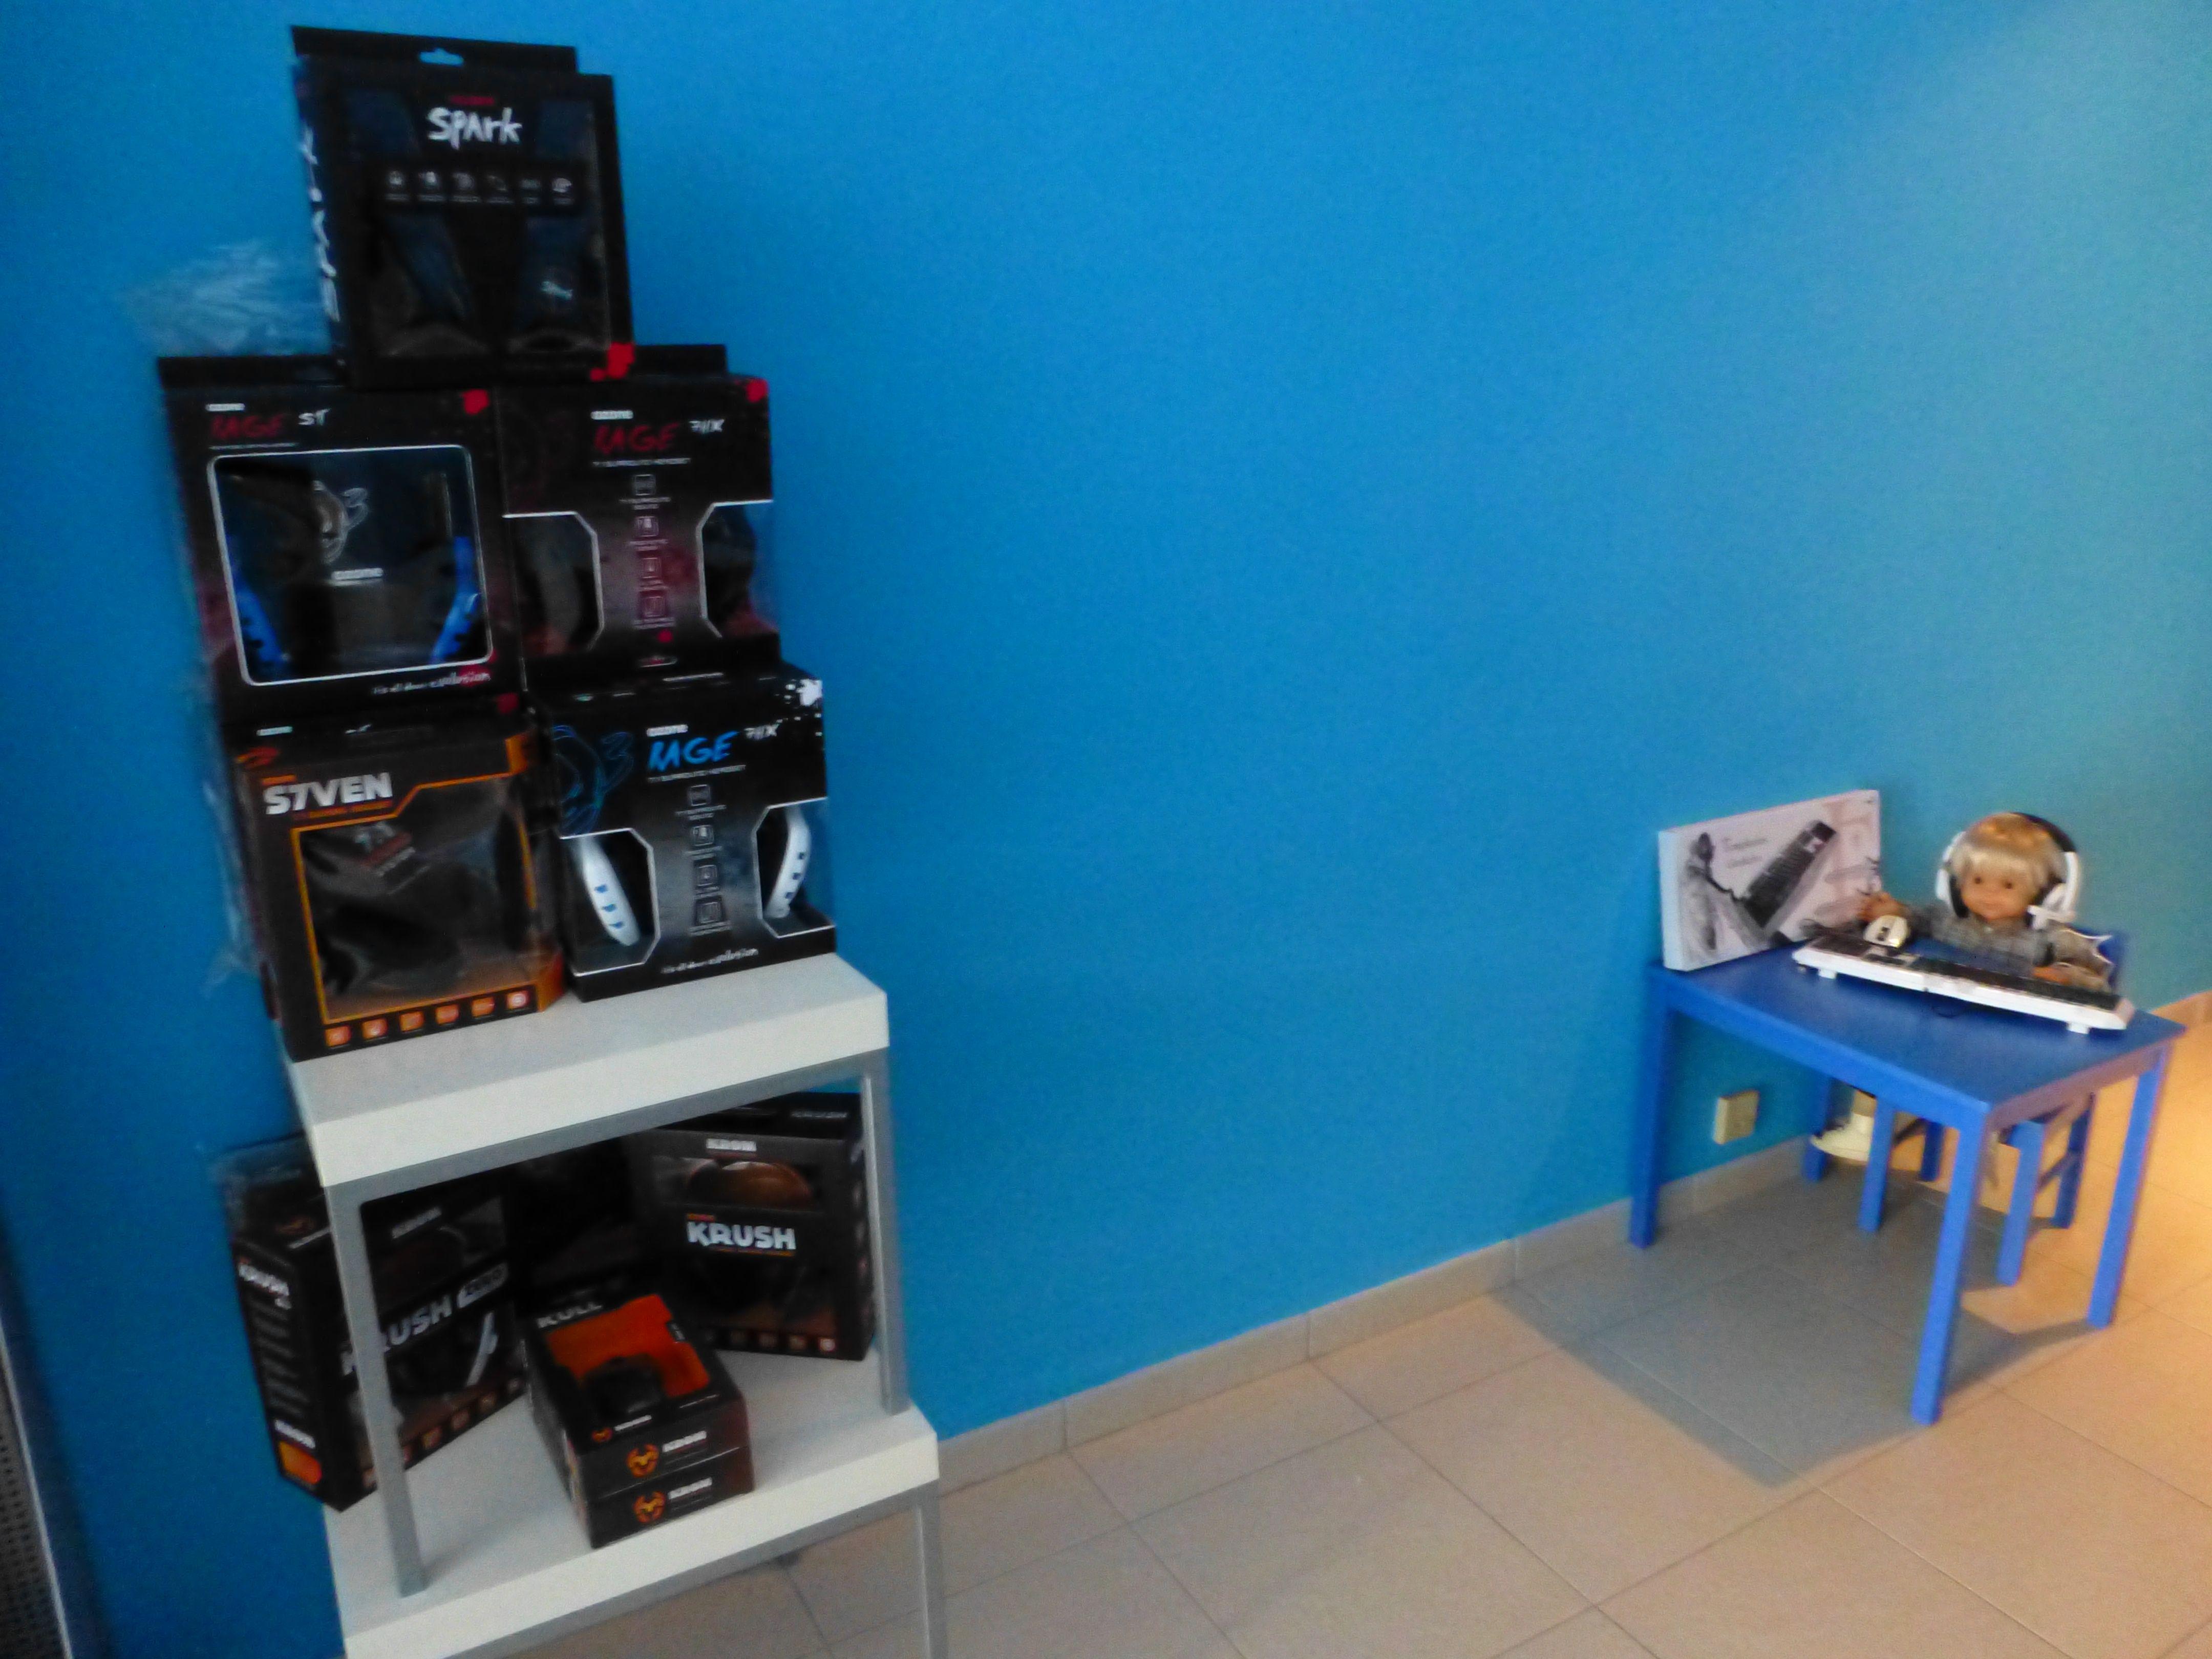 Pin de NewHomePC en Tienda Física New Home PC Interiores